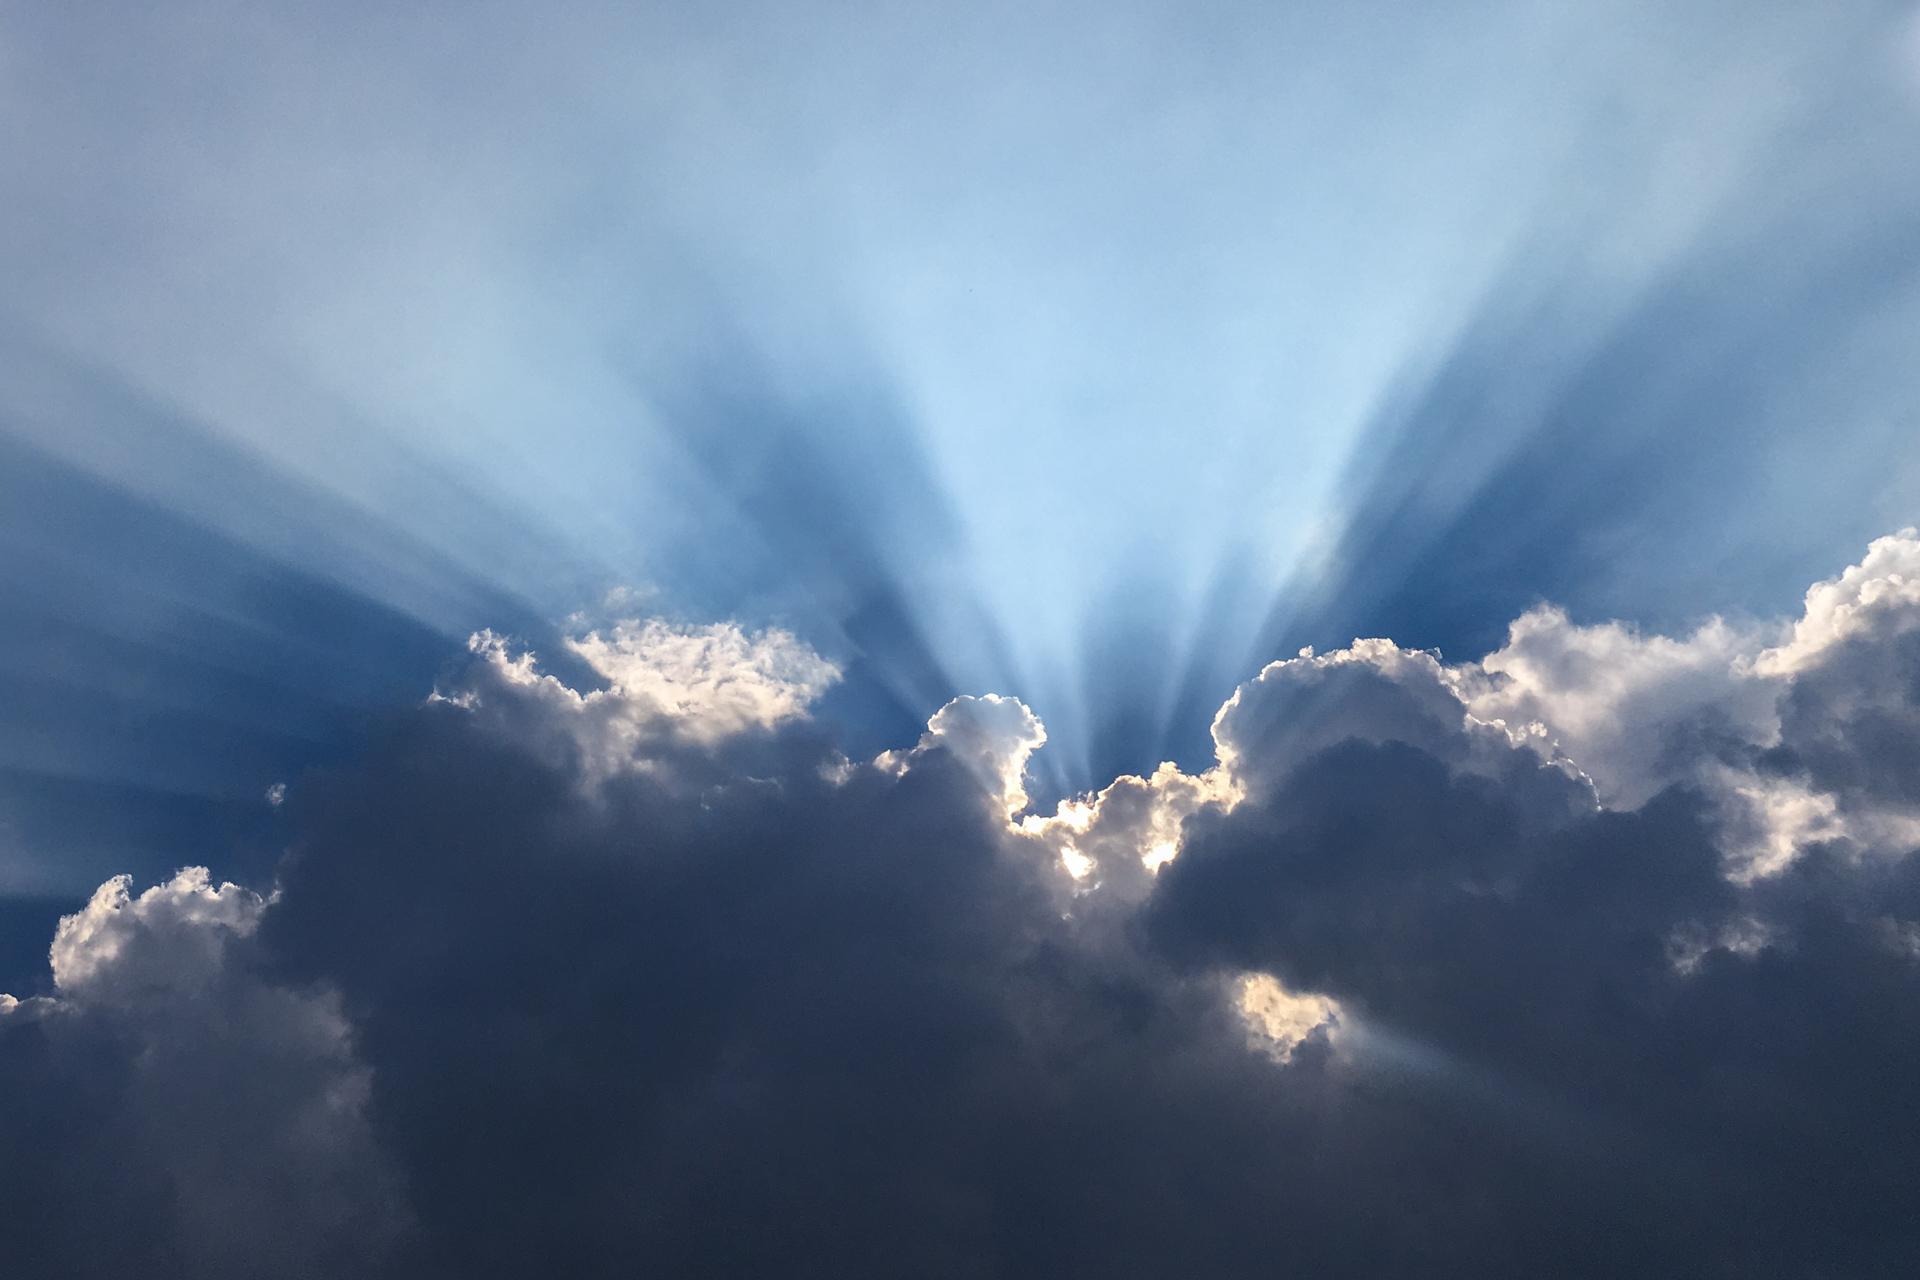 Wolken am Himmel von Peter Schreyer